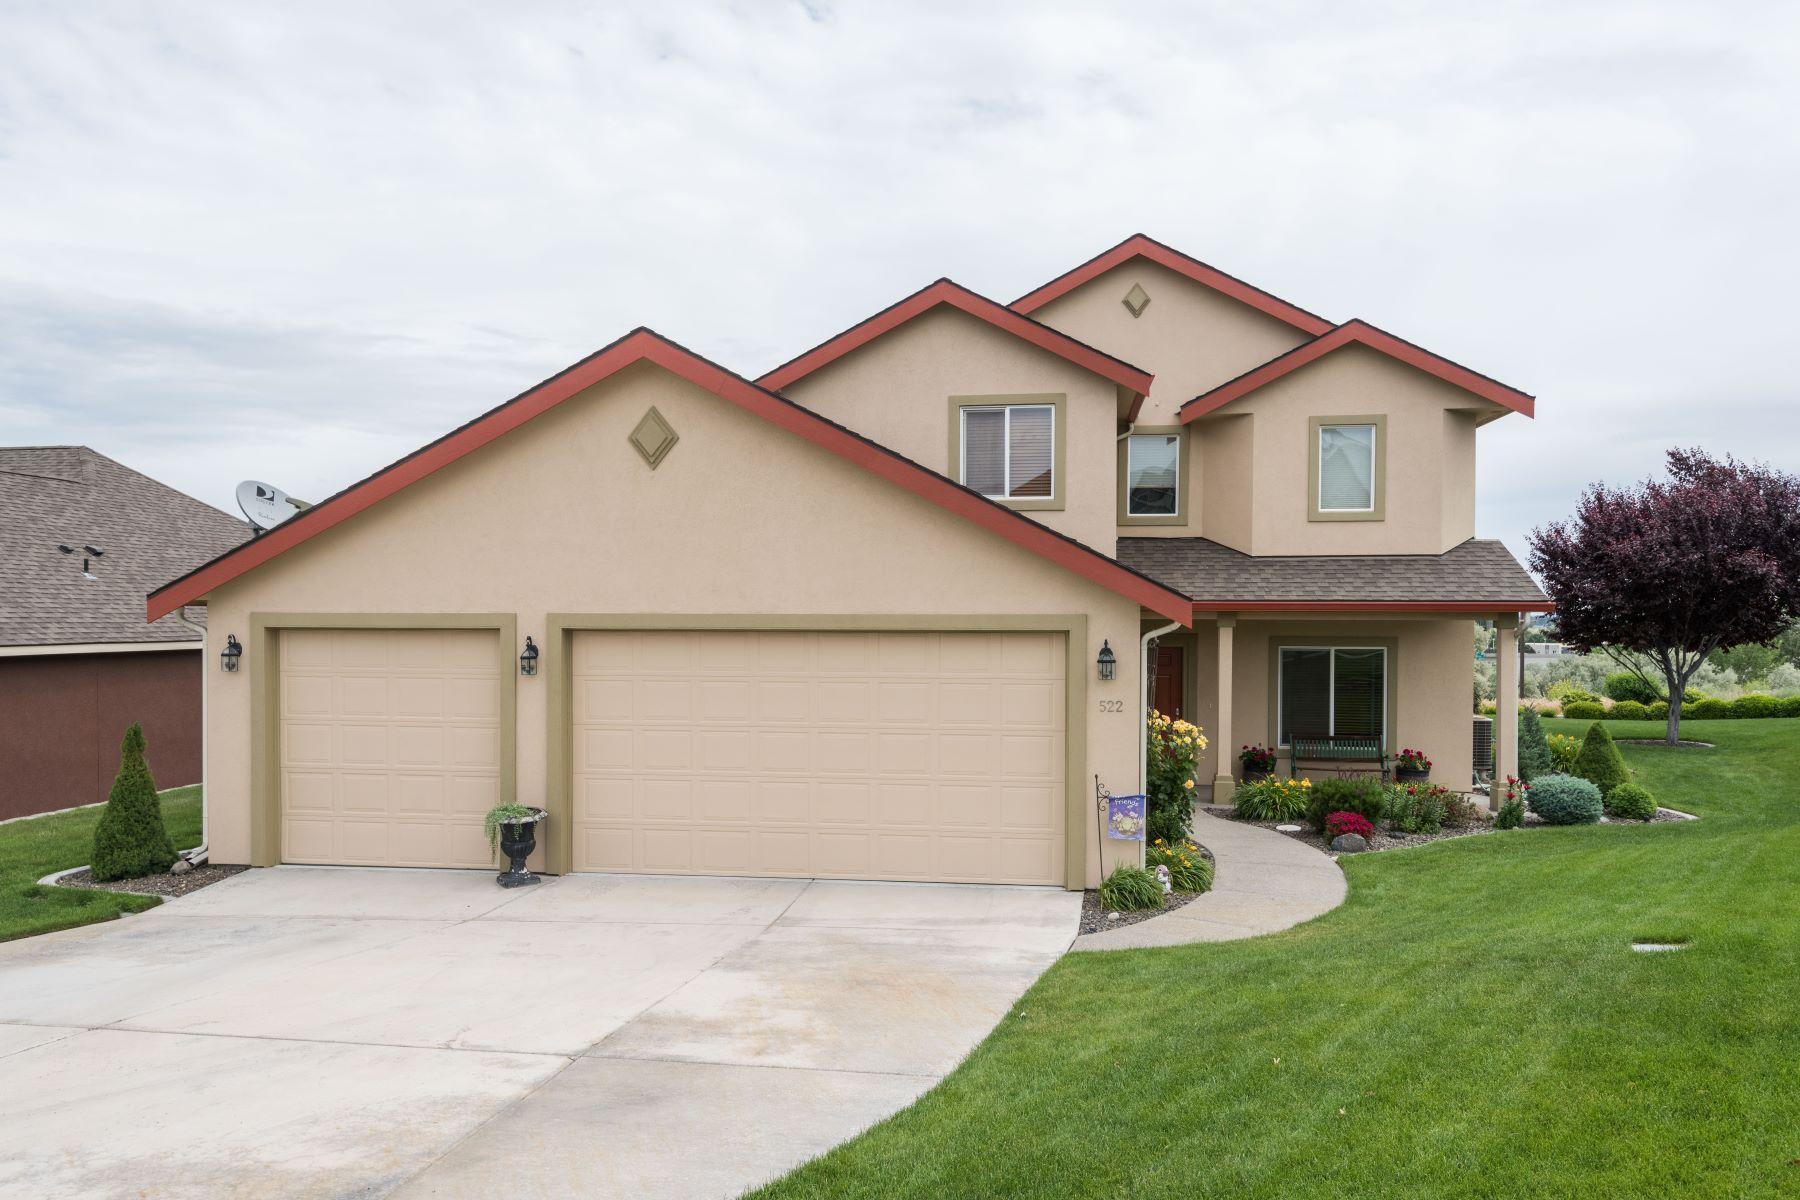 Частный односемейный дом для того Продажа на View! 522 Charbonneau Richland, Вашингтон, 99352 Соединенные Штаты